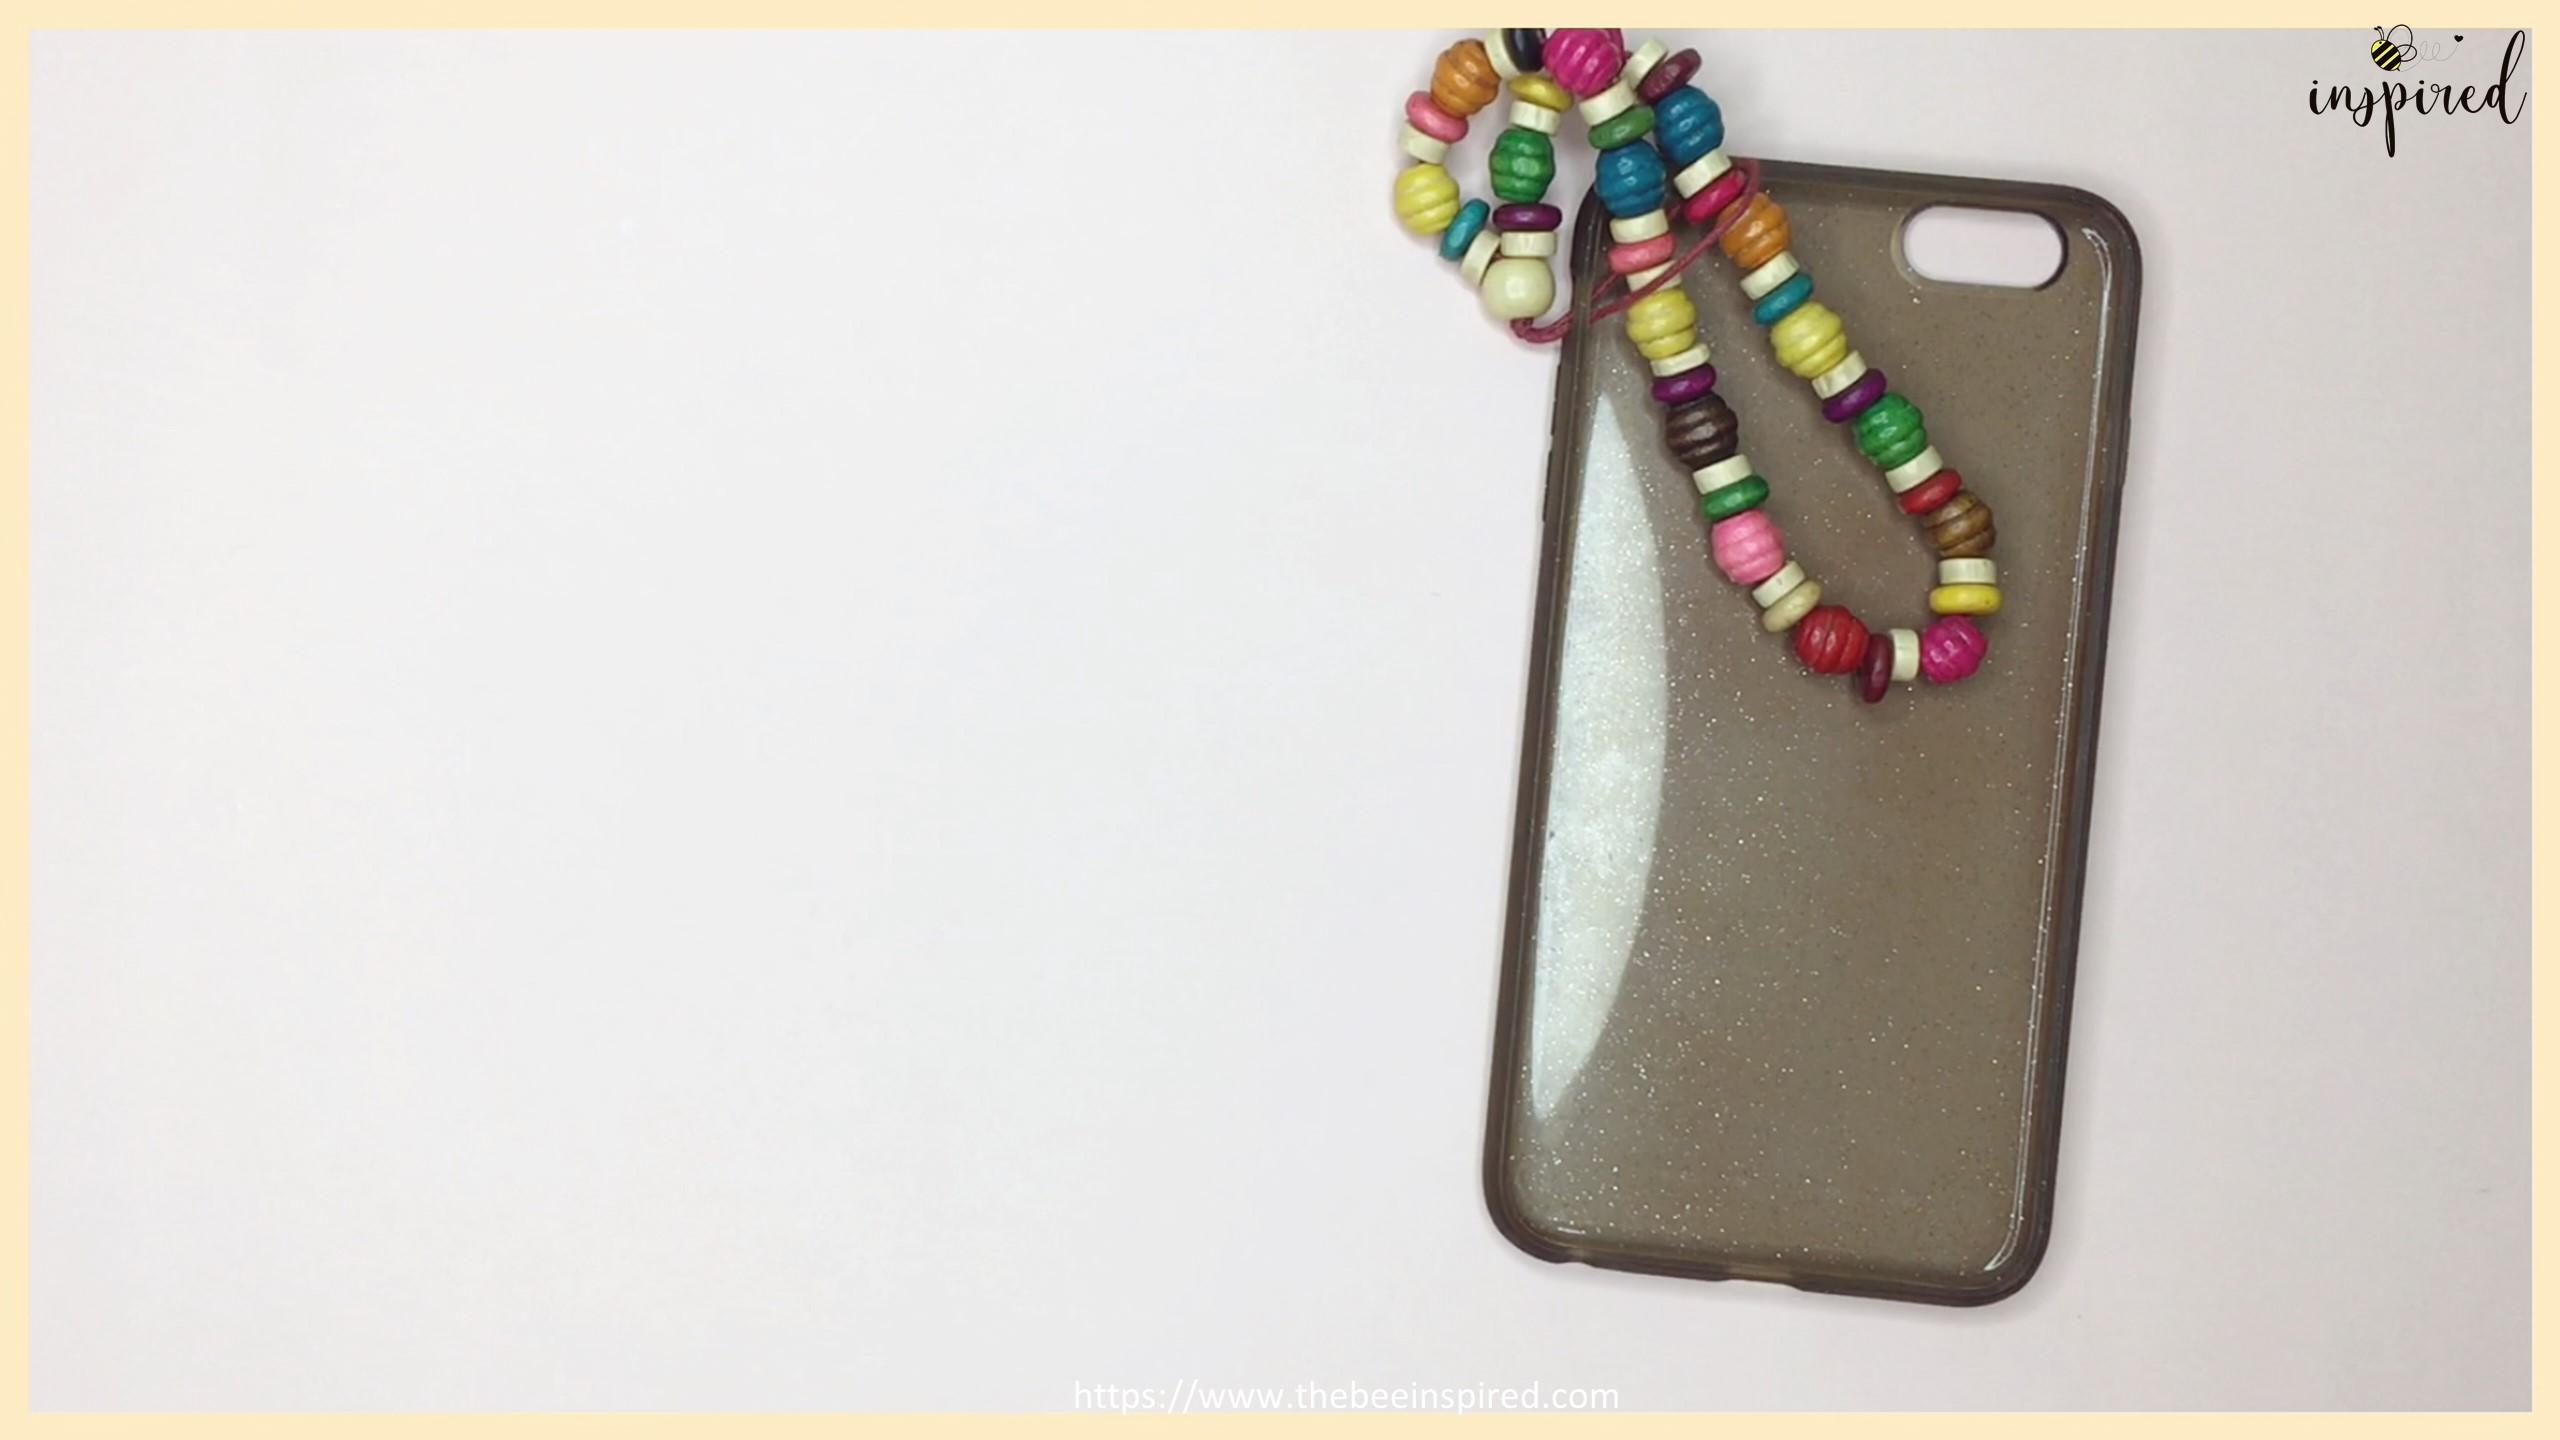 สอนทำพวงกุญแจลูกปัดห้อยโทรศัพท์ง่ายๆ อุปกรณ์แค่ 3 อย่าง - DIY Beaded Phone Charms (Easy Version) - Phone Strap - Phone Keychain_20